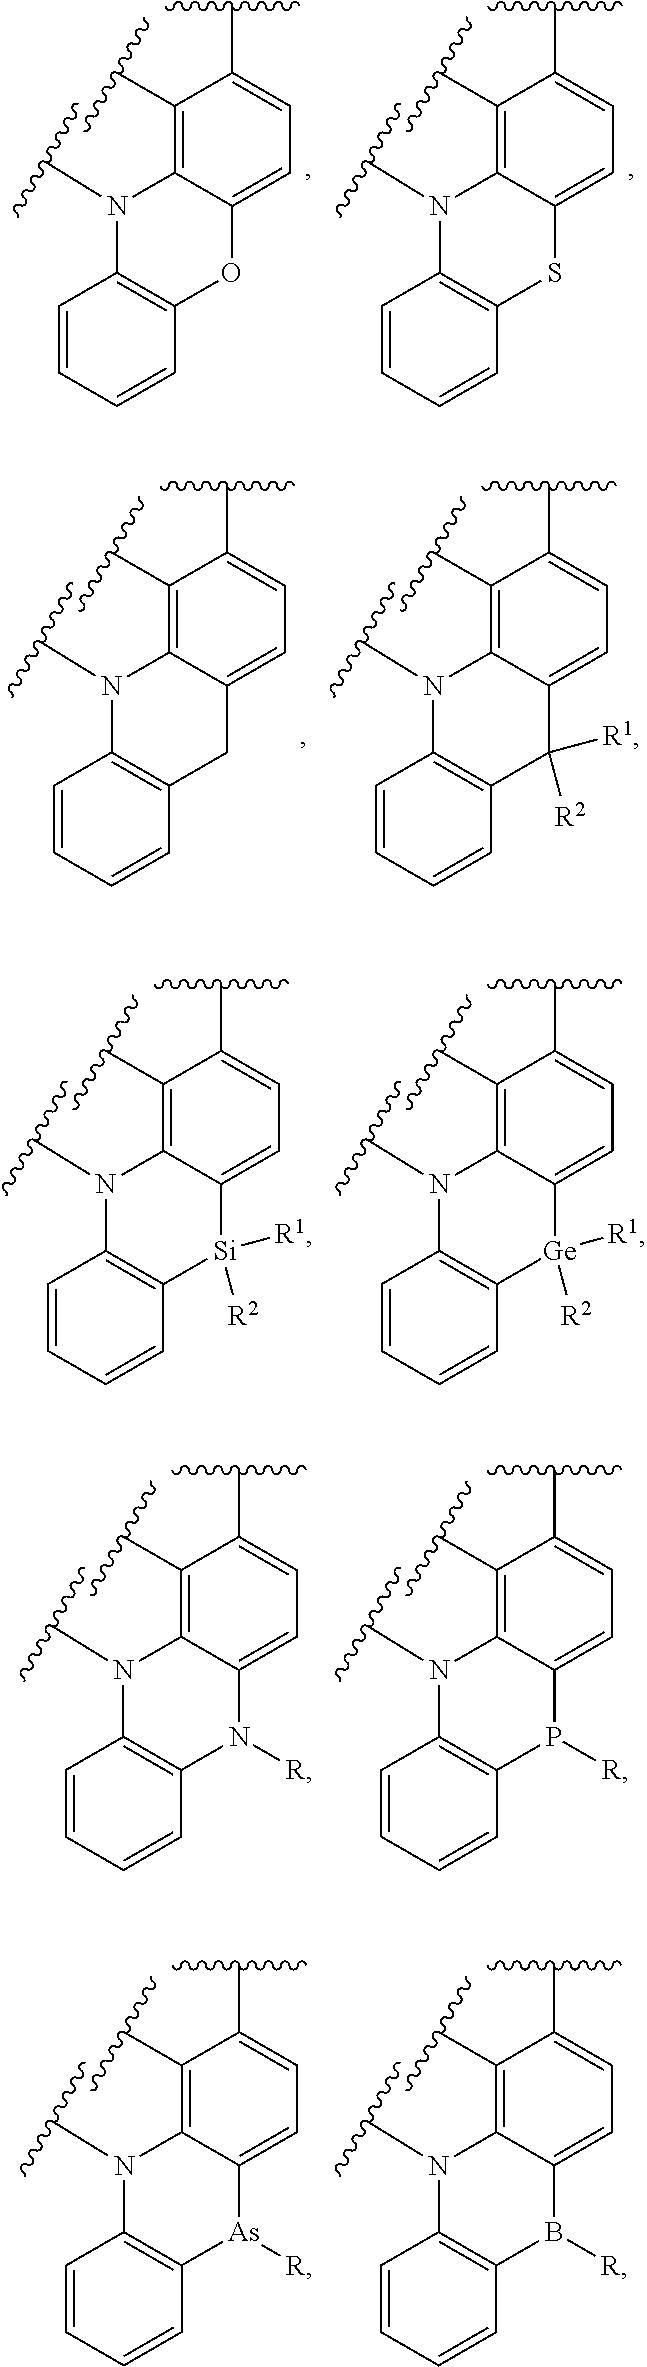 Figure US09818959-20171114-C00110